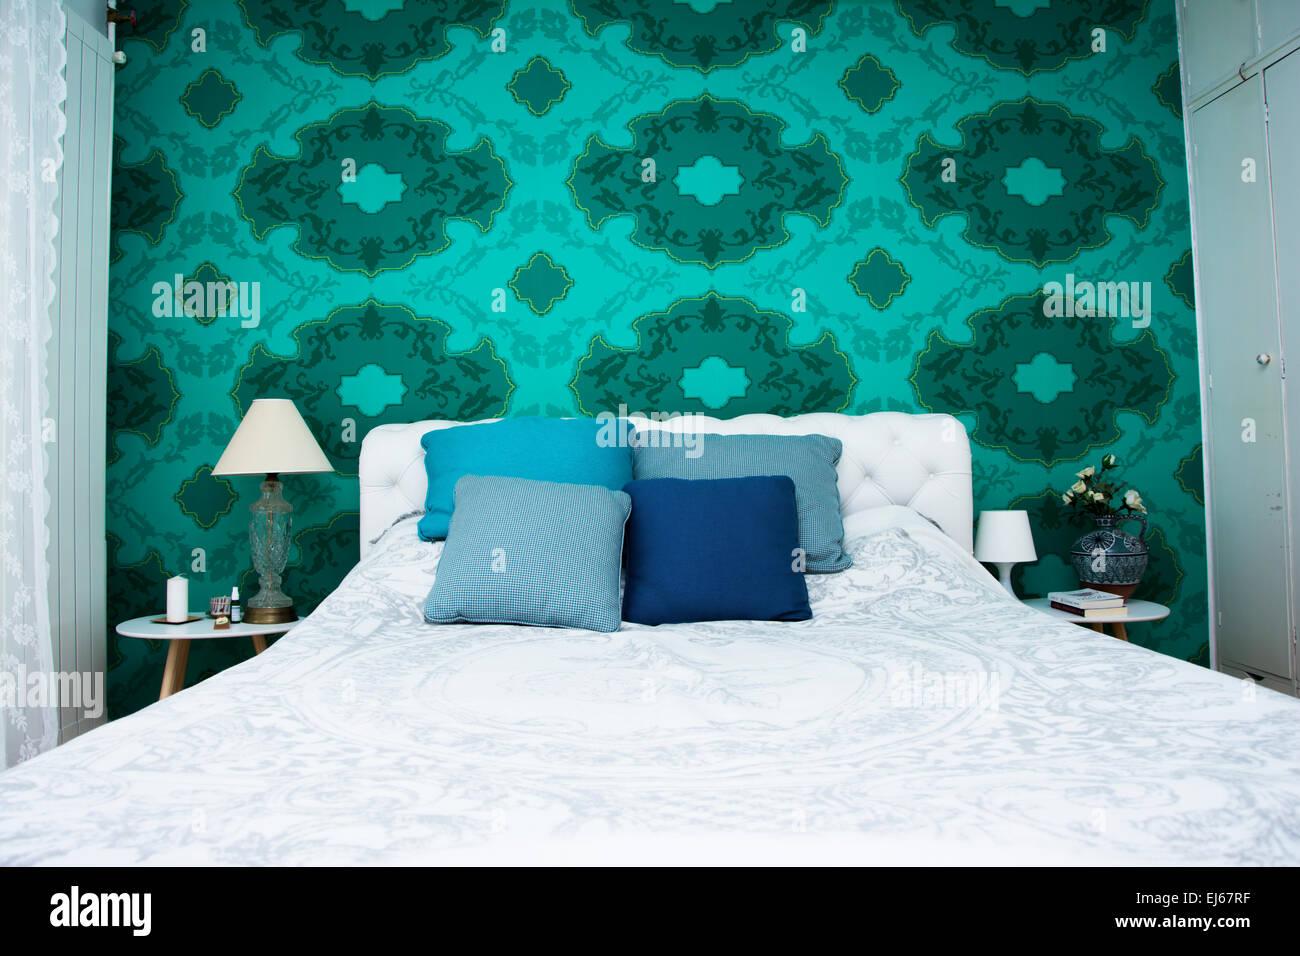 Chambre Design Avec Papier Peint Couleur Et Couleur Turquoise Et Blanche